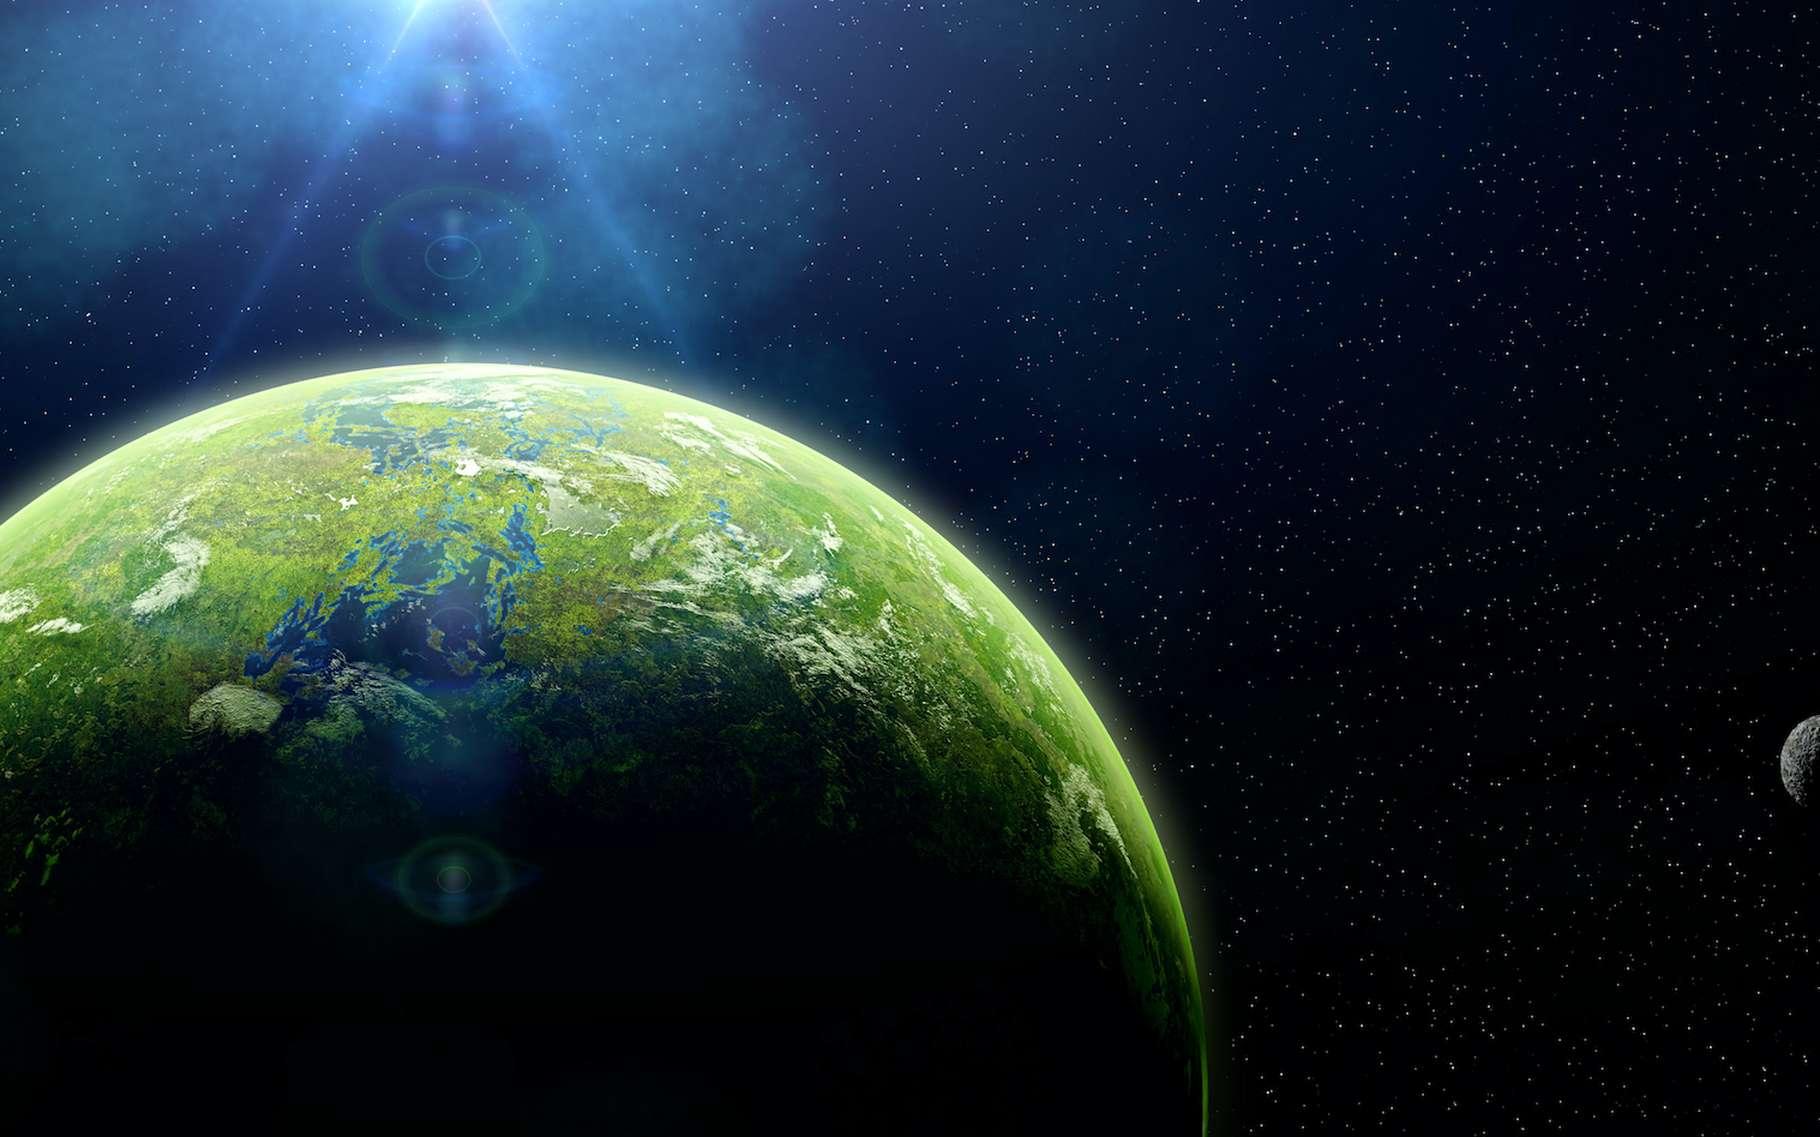 Selon des travaux de chercheurs de l'université de Californie à Santa Cruz (États-Unis), l'abondance en certains éléments radioactifs permettrait d'estimer l'habitalitié d'une planète © dottedyeti, Adobe Stock